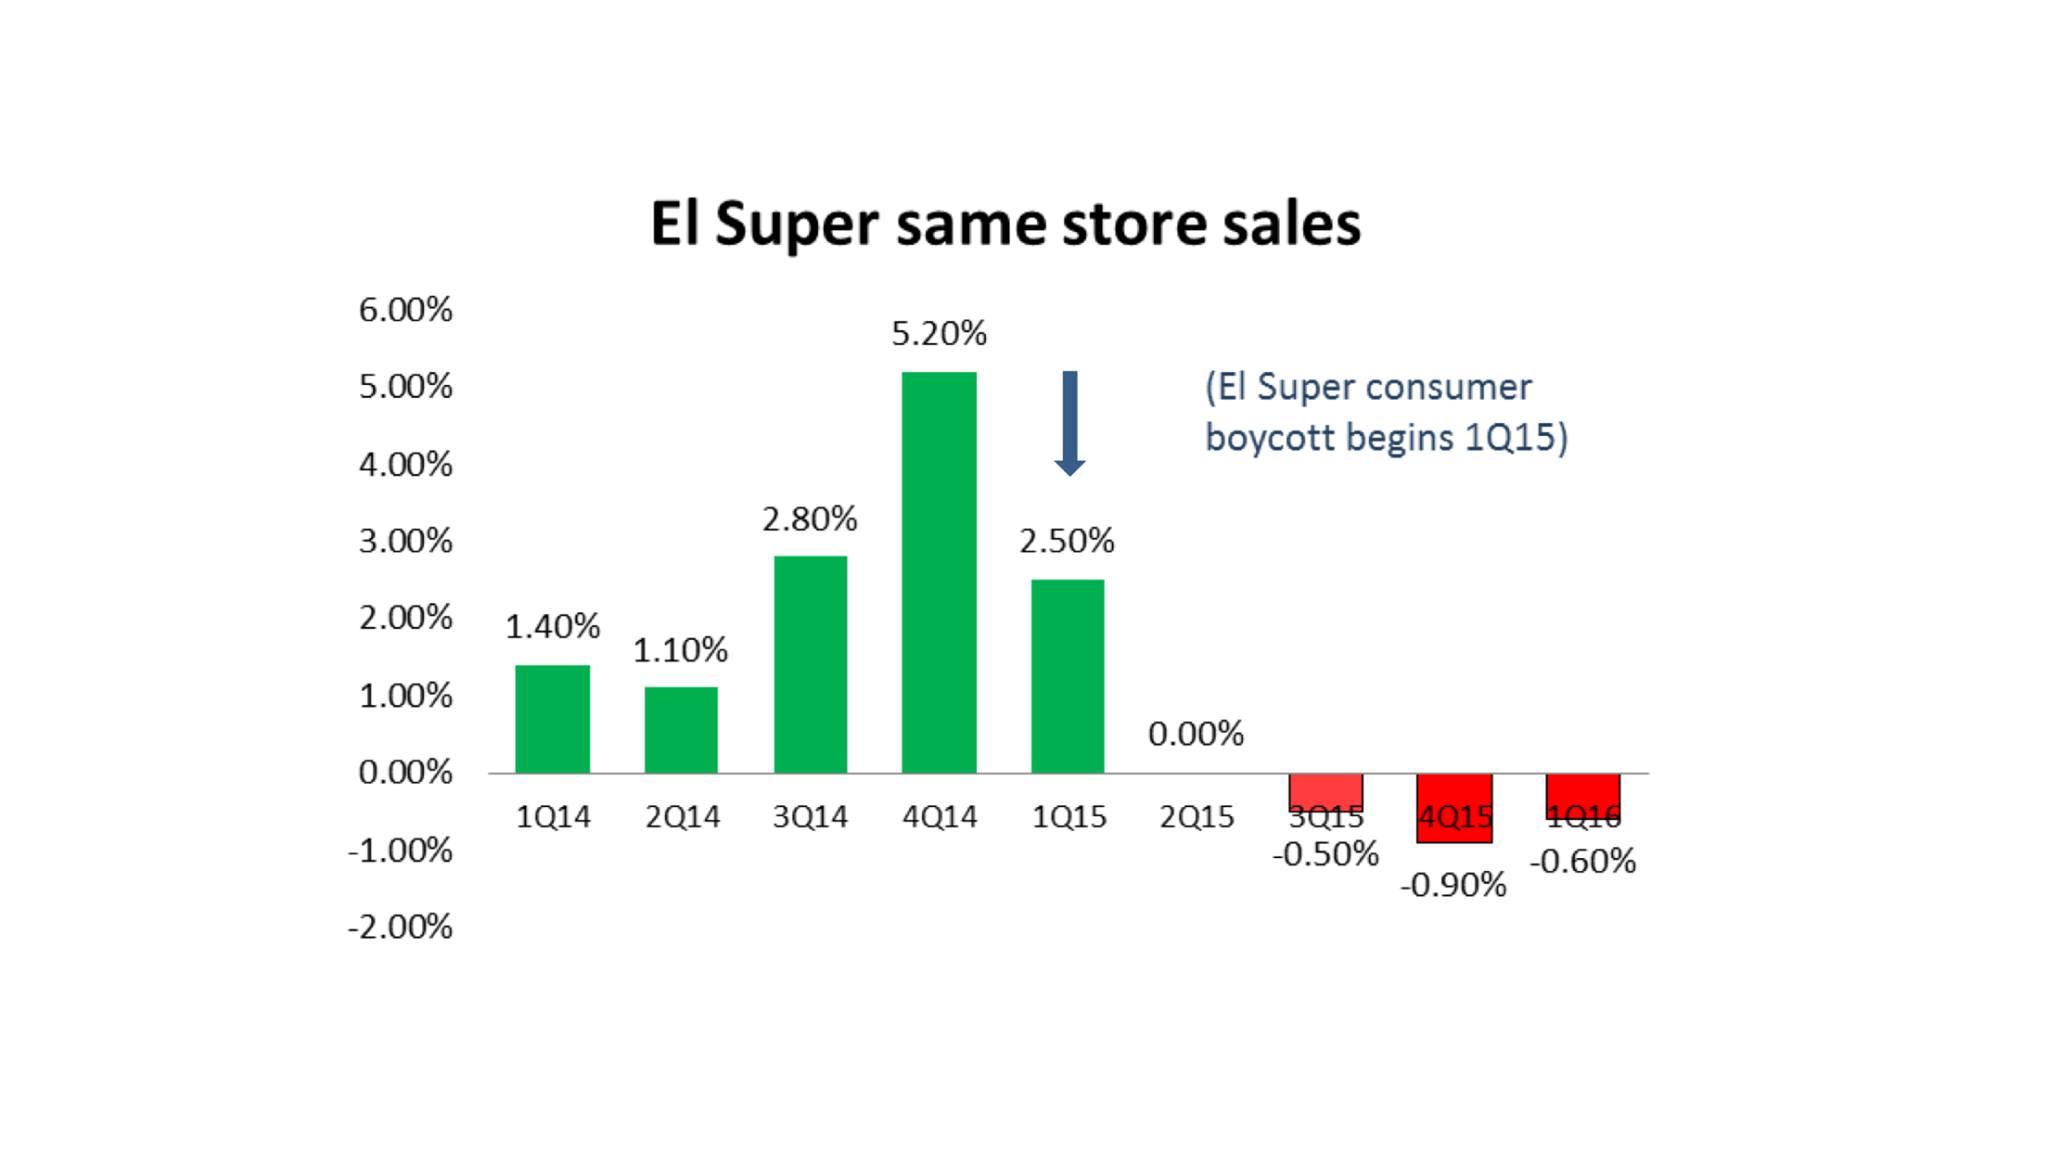 SSS Decline at El Super